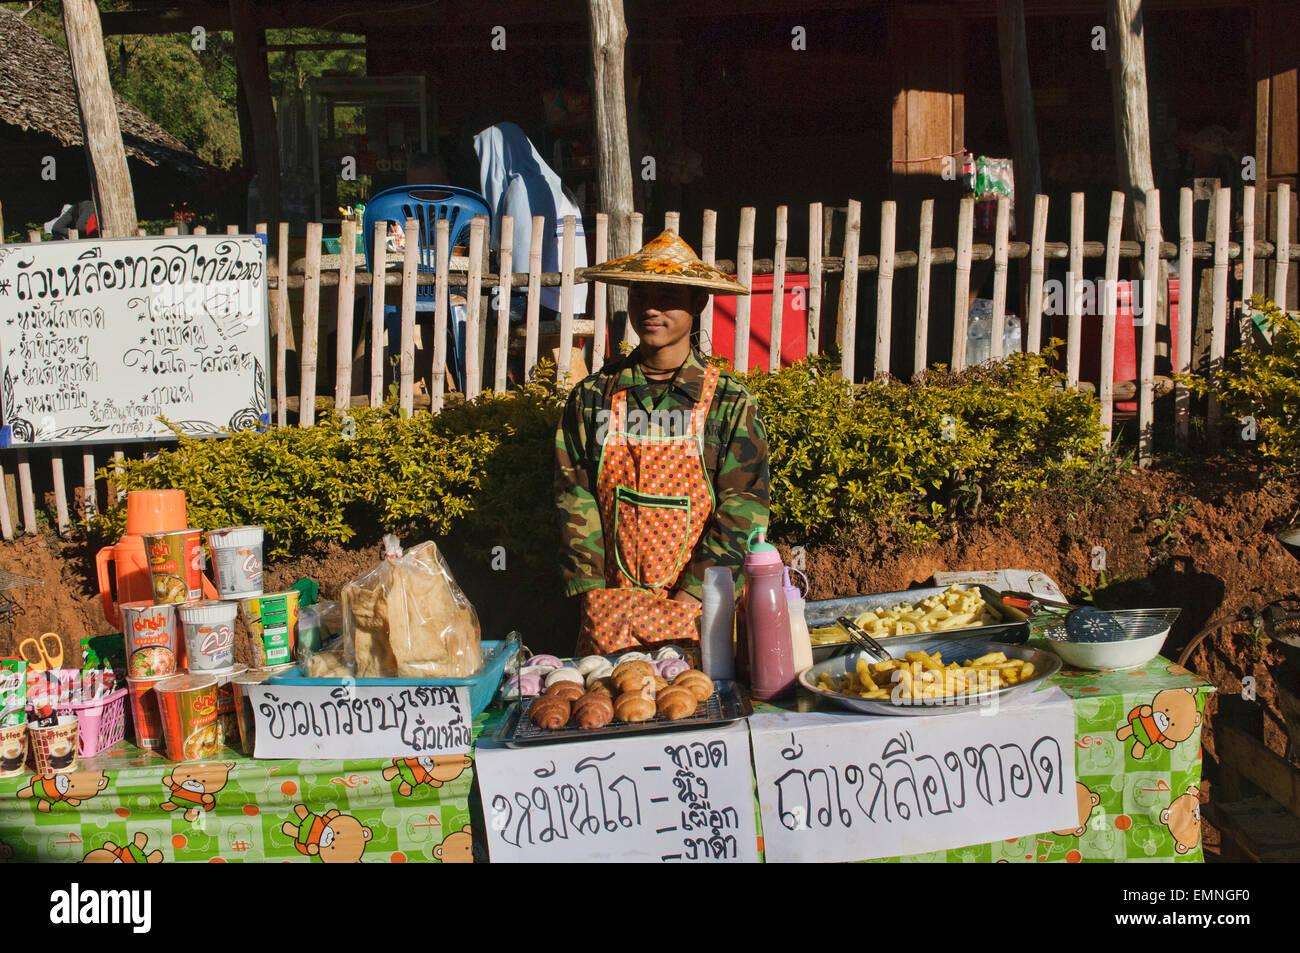 Venditore al Ruk villaggio thailandese in Pang Oung lago presso la frontiera birmano, Mae Hong Son, Thailandia Immagini Stock